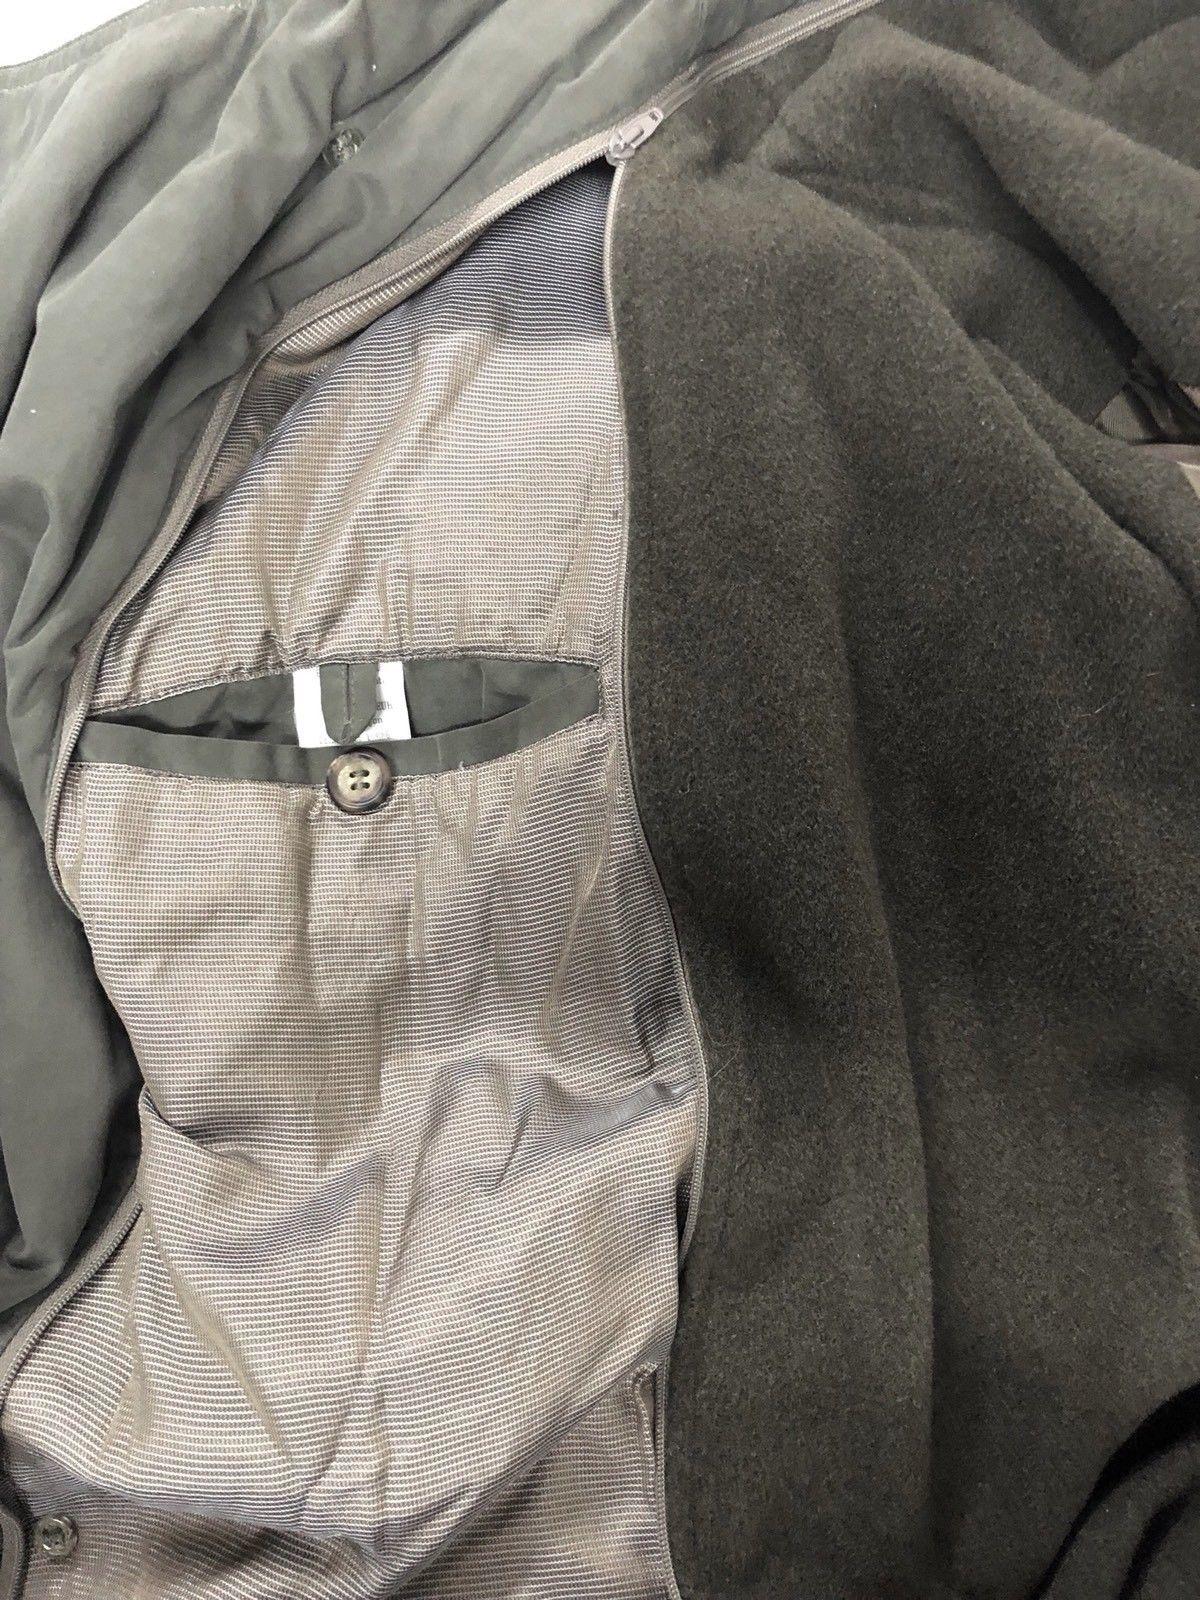 0df4006c1dac5 Vintage Giorgio Armani Collezioni Ivory Beige Perforated Leather. Giorgio  Armani Le Collezioni Mens Trench Coat ...